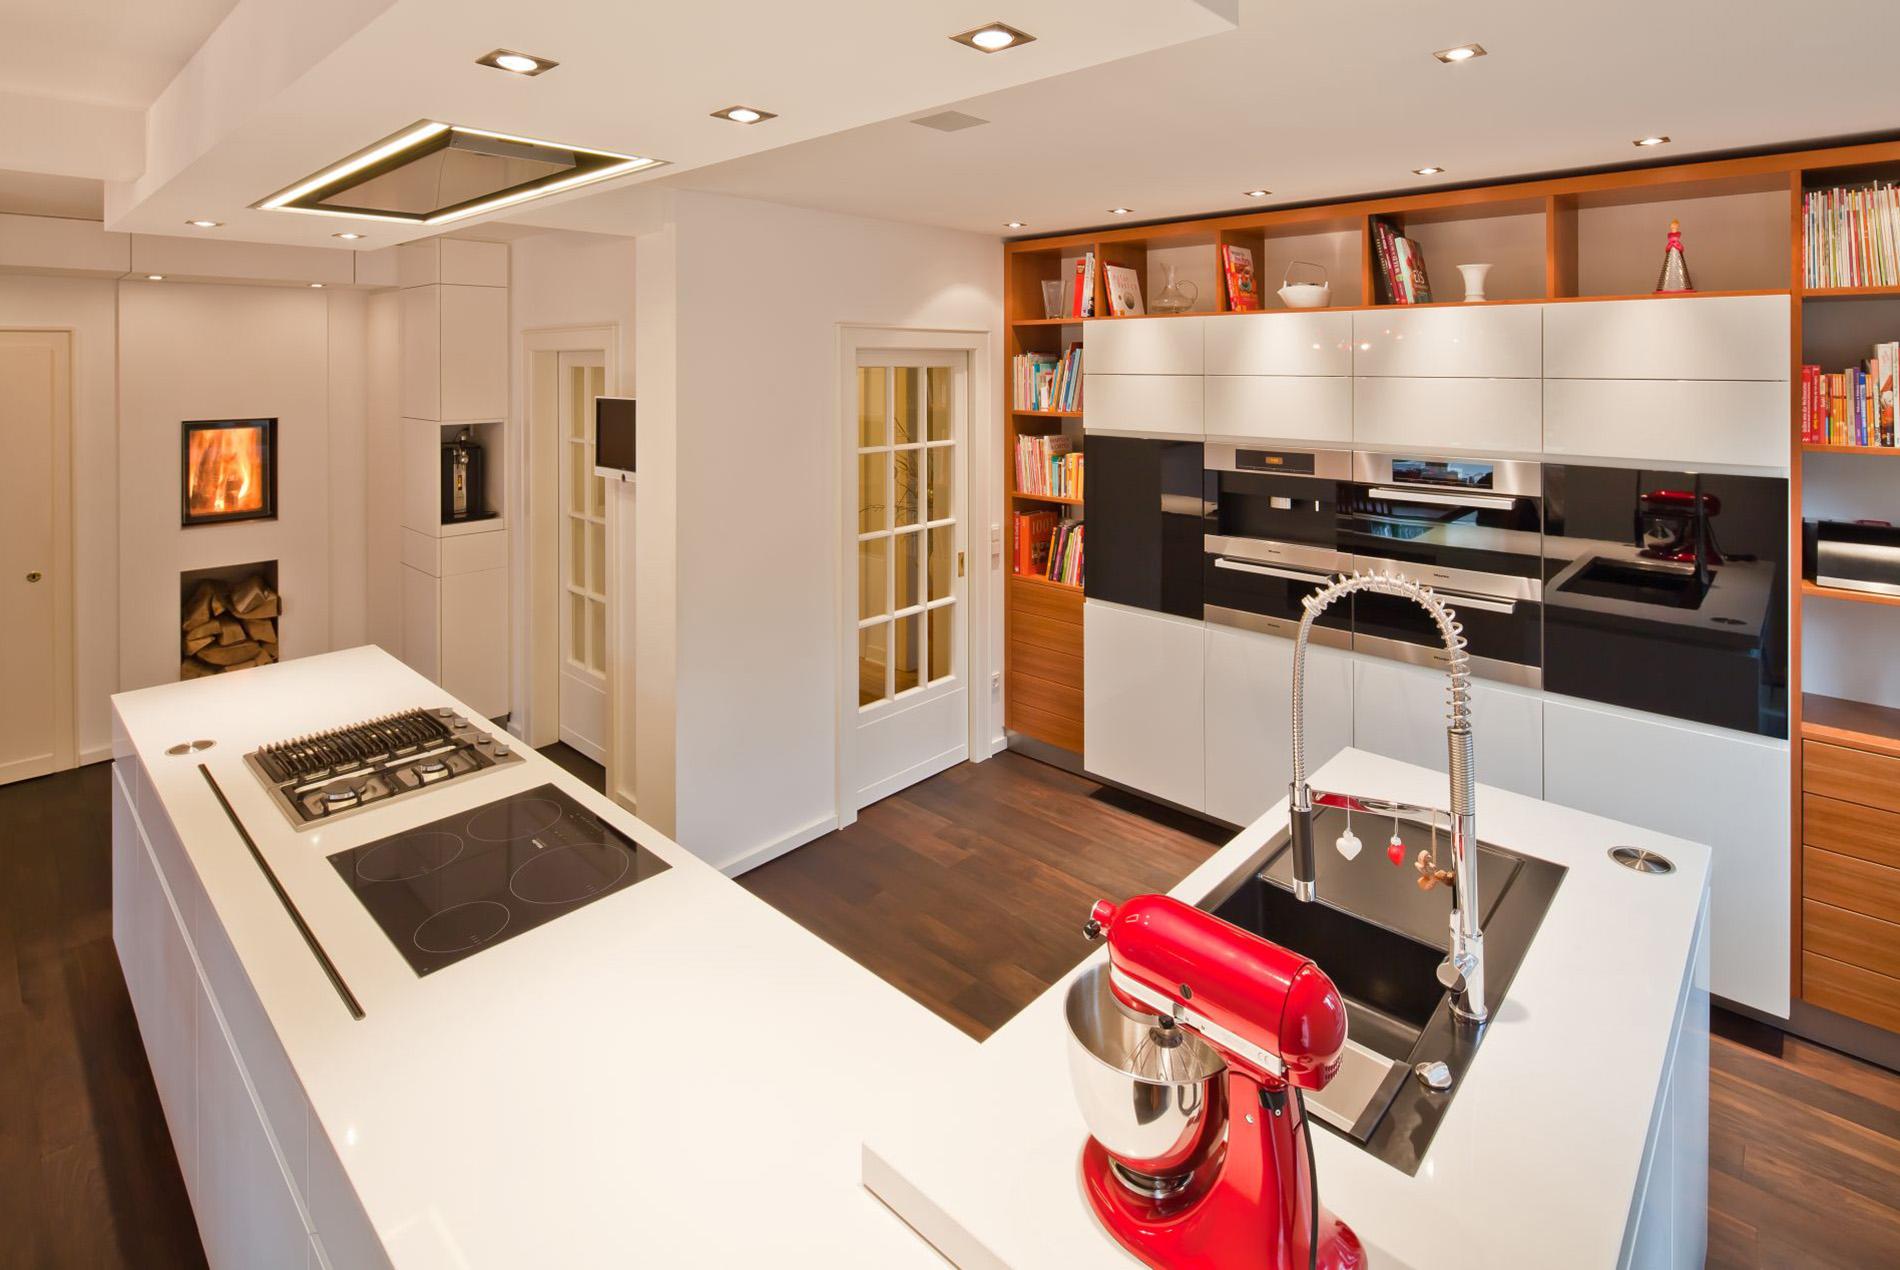 tischlerei sch pker besonderes mit holz im m nsterland. Black Bedroom Furniture Sets. Home Design Ideas